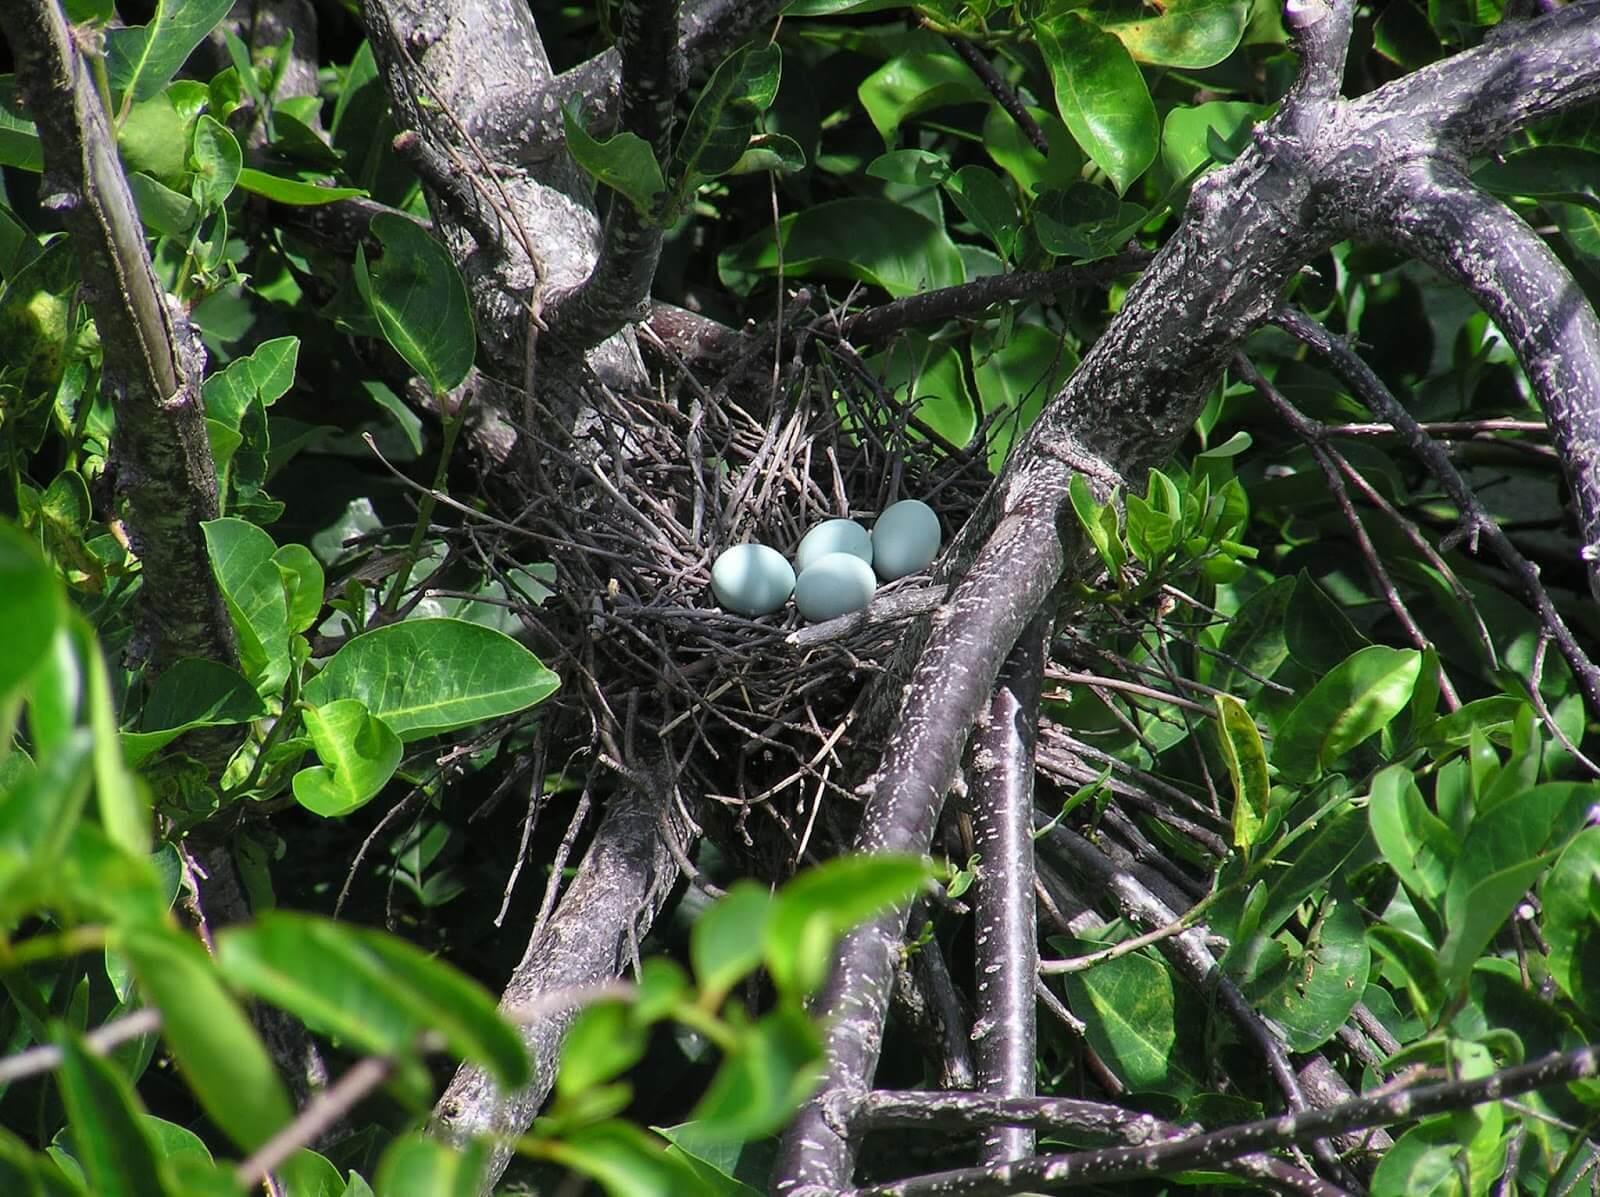 Trứng và tổ chim diệc xanh